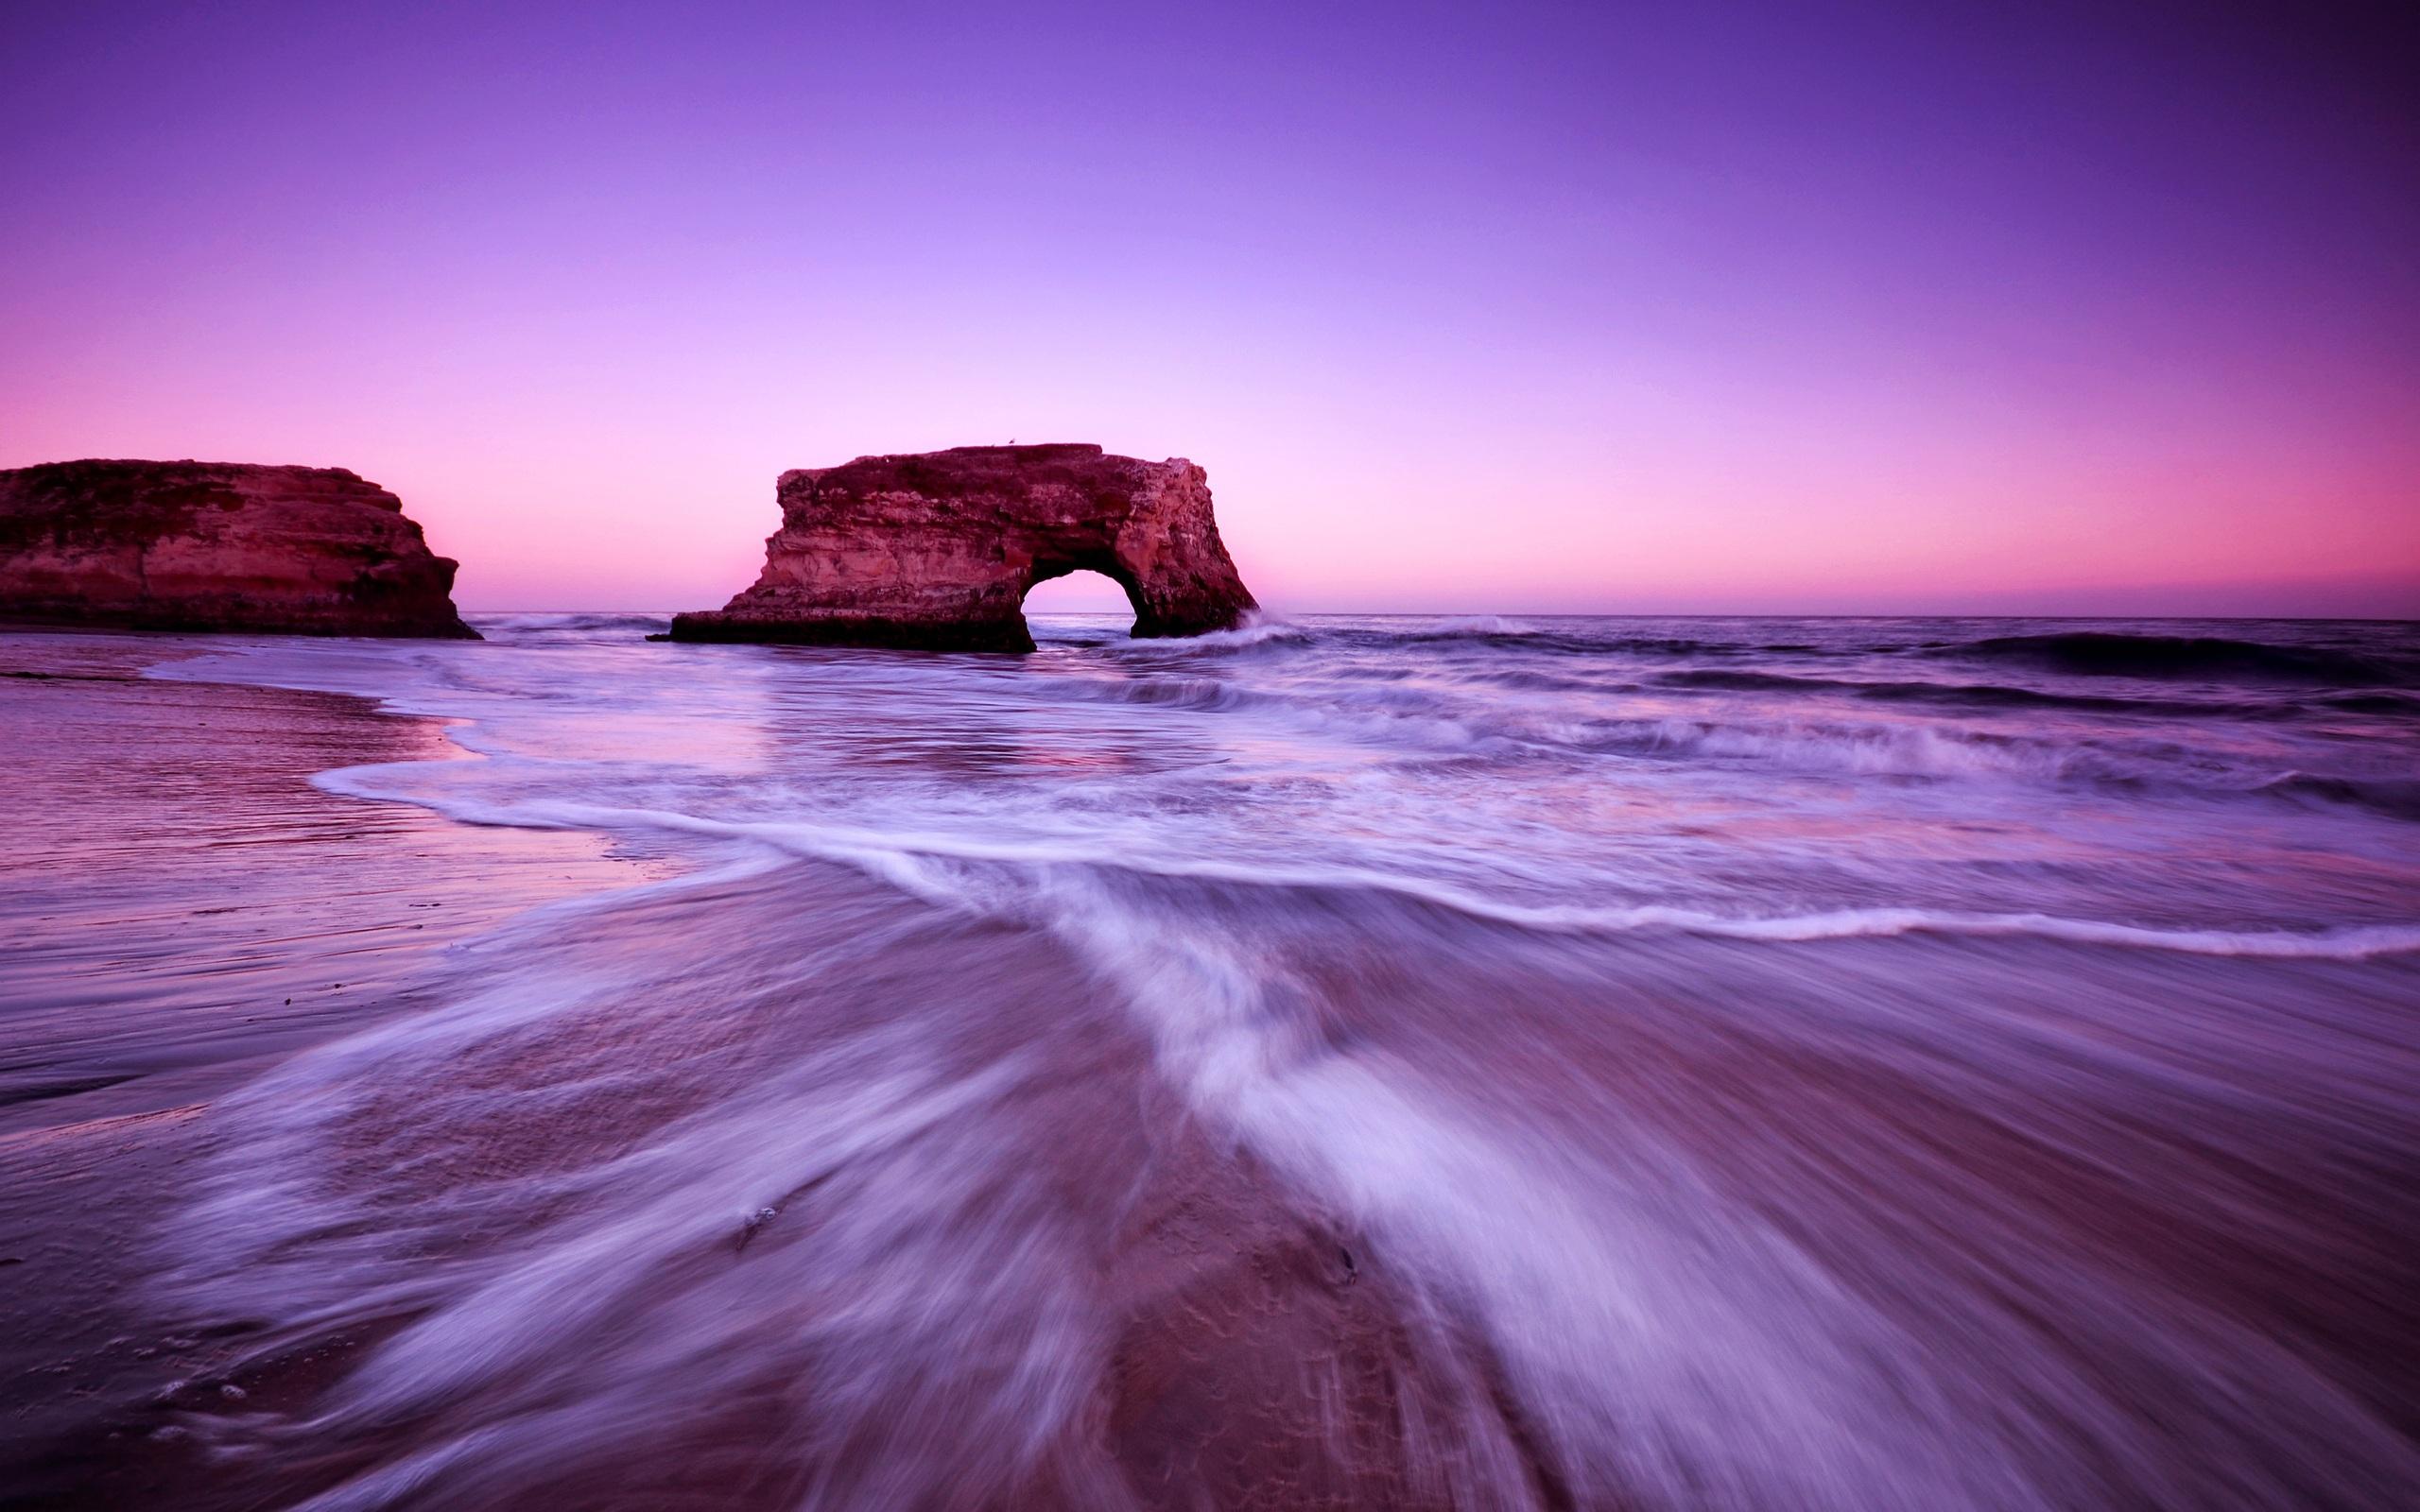 природа море nature sea  № 715240 загрузить